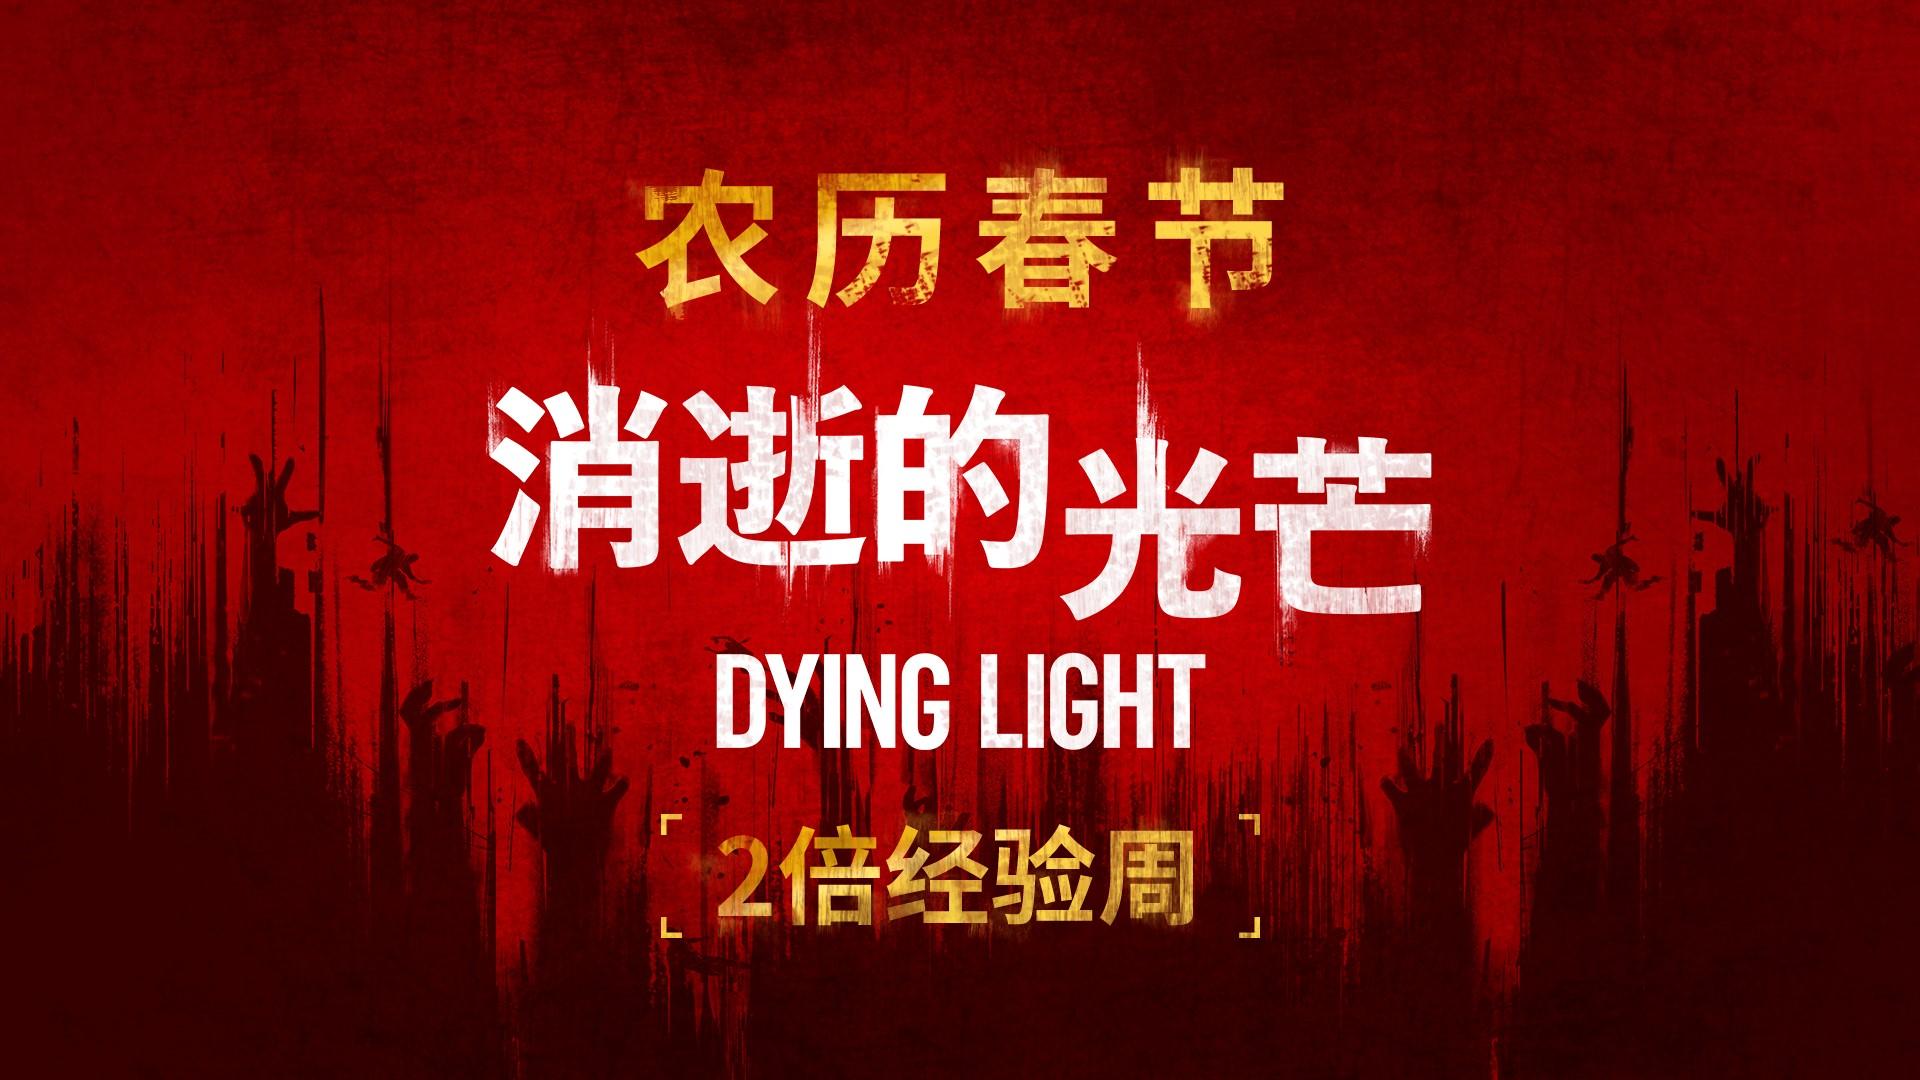 《消逝的光芒》将以双倍经验周来庆祝中国的猪年!